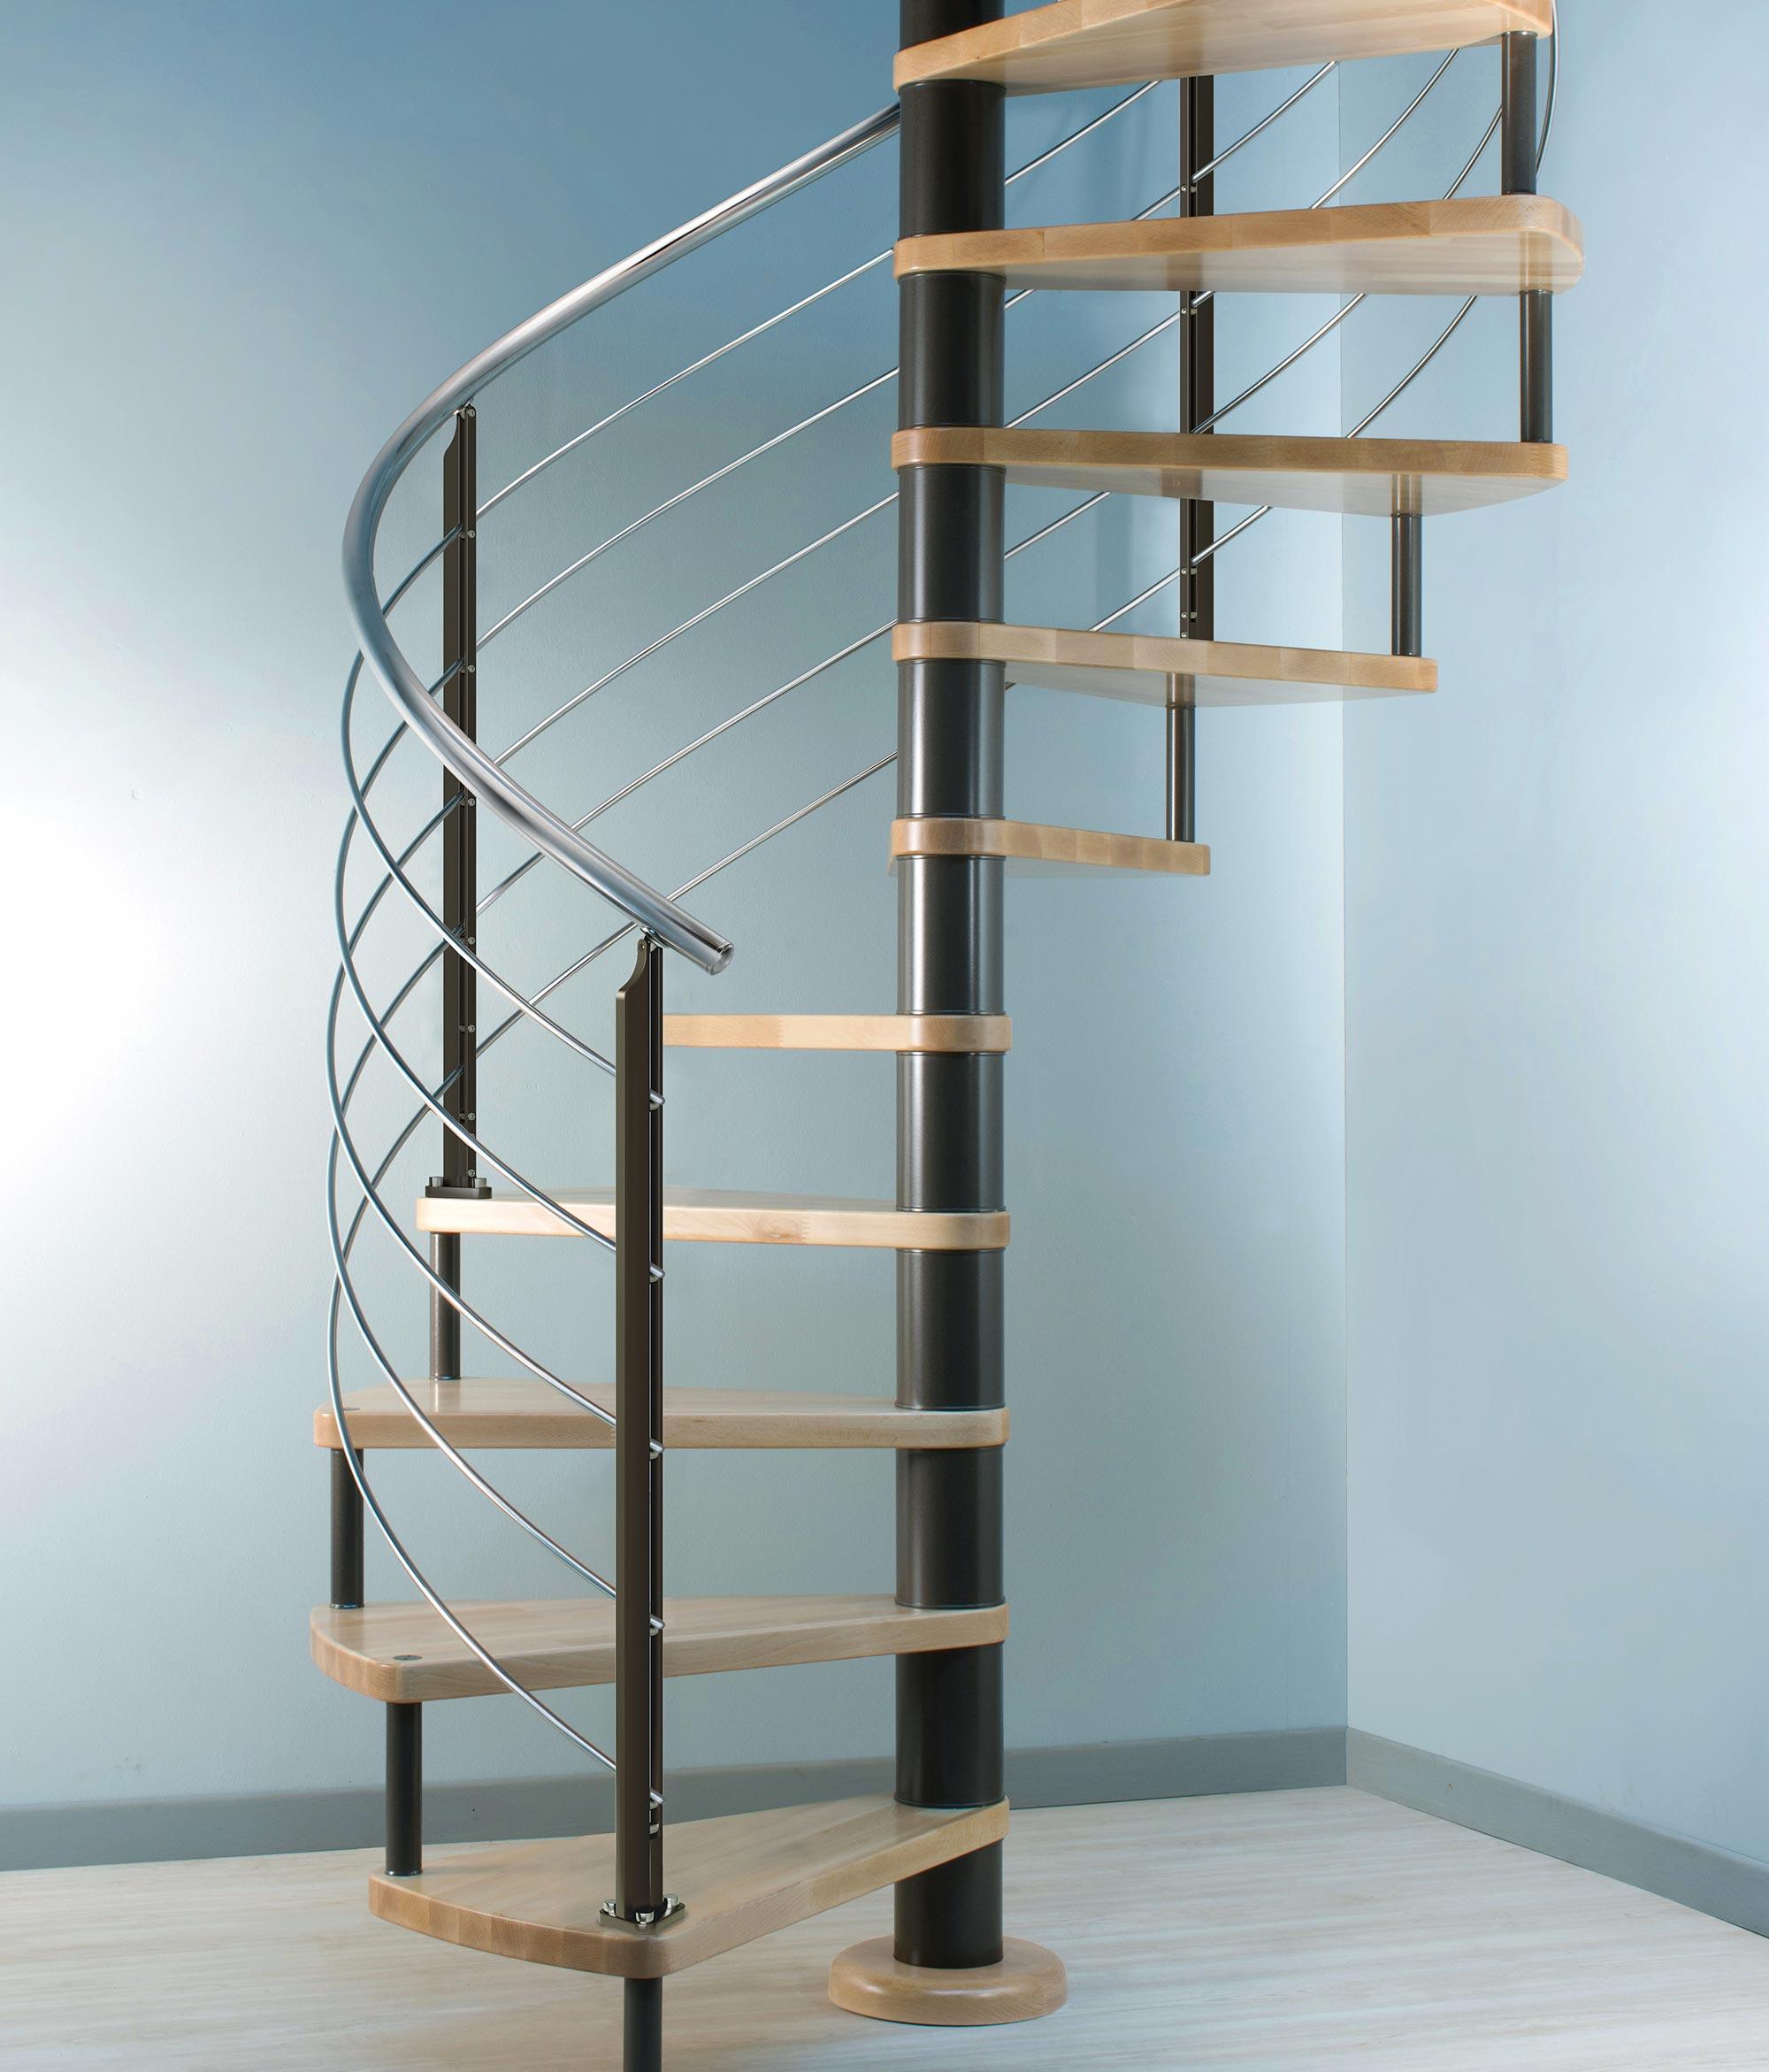 scala chiocciola Marretti, scalini in rovere, palo e corrimano in acciaio inox